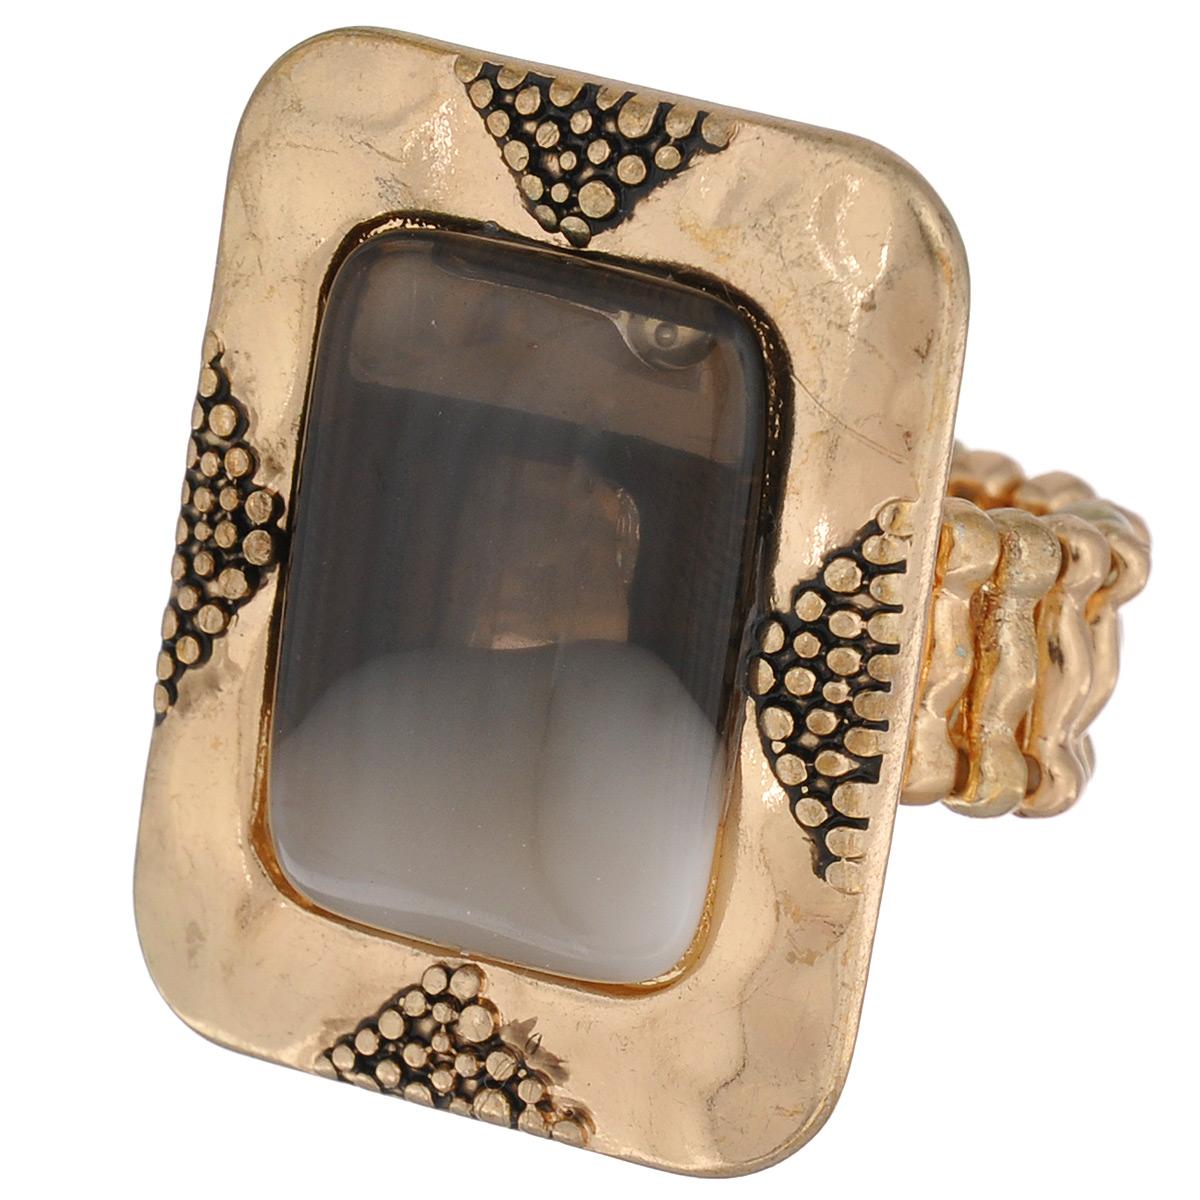 Кольцо Avgad, цвет: золотистый. EA178JW168EA178JW168Оригинальное кольцо Avgad выполнено из ювелирного сплава. Изделие оформлено рельефным узором и вставкой из акрила. Элементы кольца соединены с помощью тонкой резинки, благодаря этому оно легко одевается и снимается. Размер универсальный. Кольцо позволит вам с легкостью воплотить самую смелую фантазию и создать собственный, неповторимый образ.